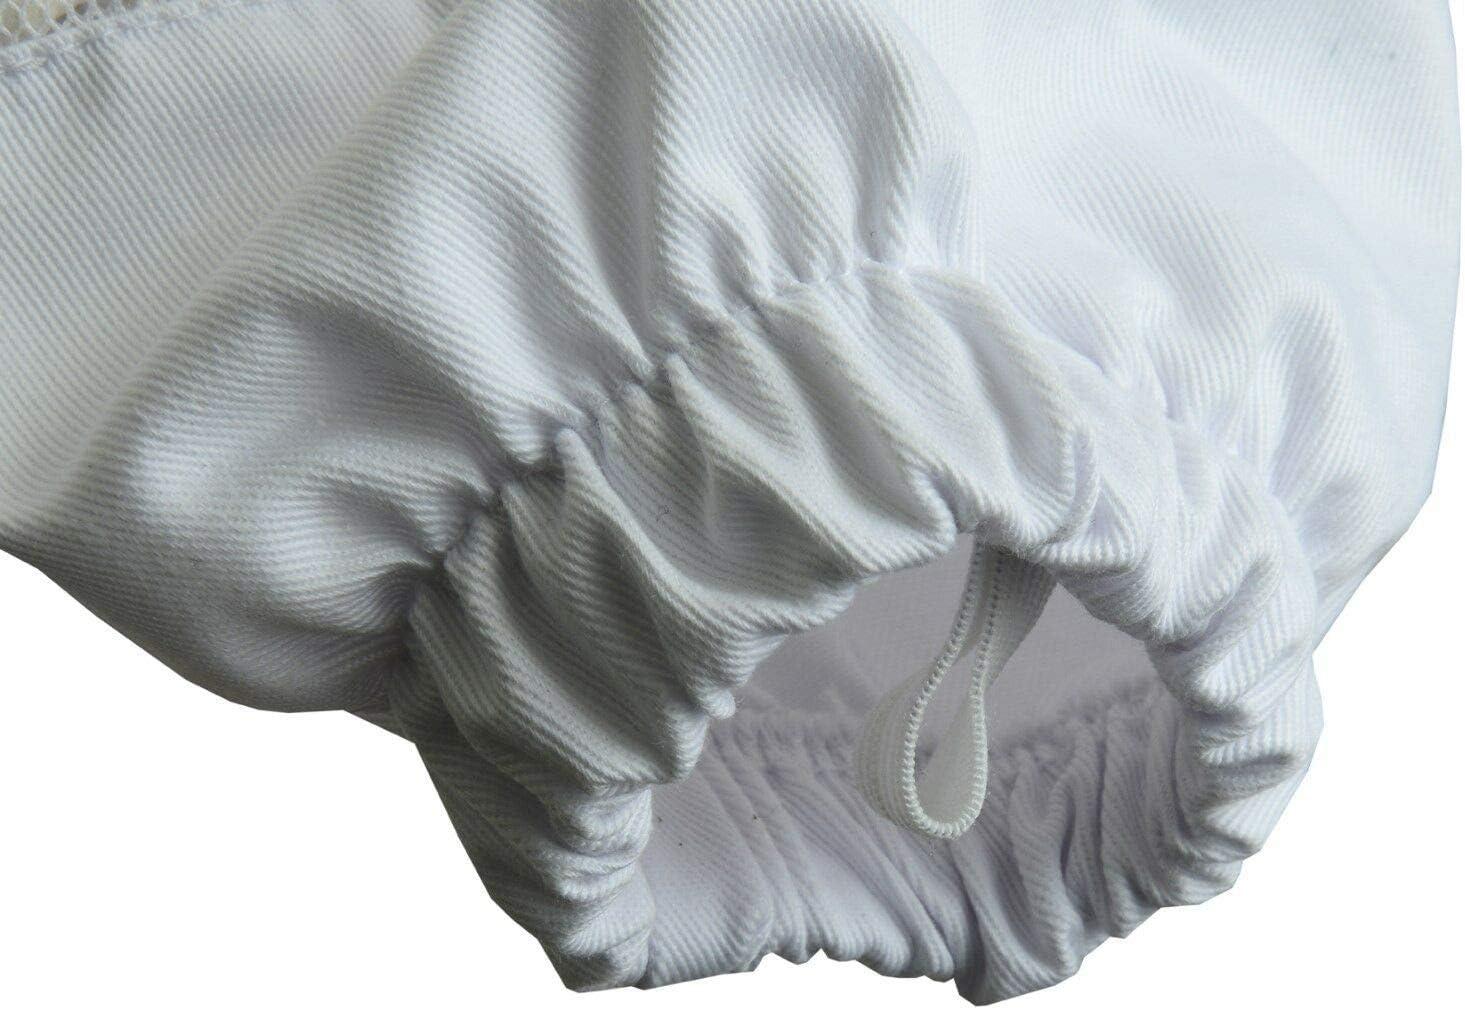 3X Layers Bee-Sicherheitsjacke mit GRATIS-Handschuhen Imker-Rundschleier-Schutzkleidung Unisex-Imkereijacke aus wei/ßem Netzgewebe JRVG Voll bel/üftete Imkereijacke